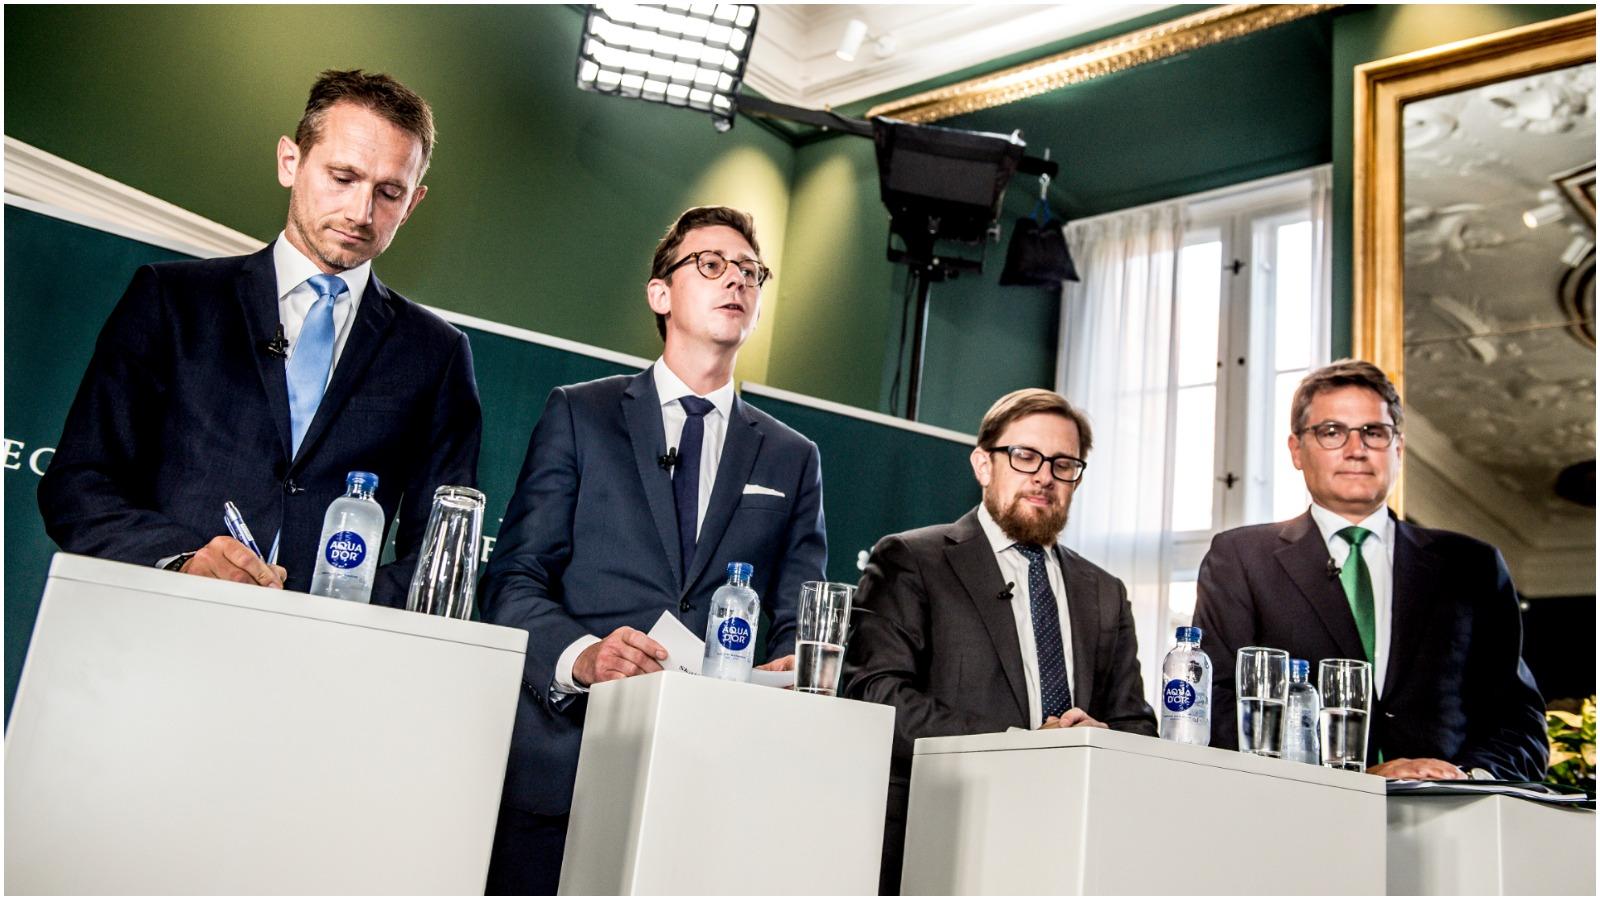 Velfærdsforsker Kristian Kongshøj: Gør Robin Hood til skatteminister igen – Danmark har brug for at øge omfordelingen